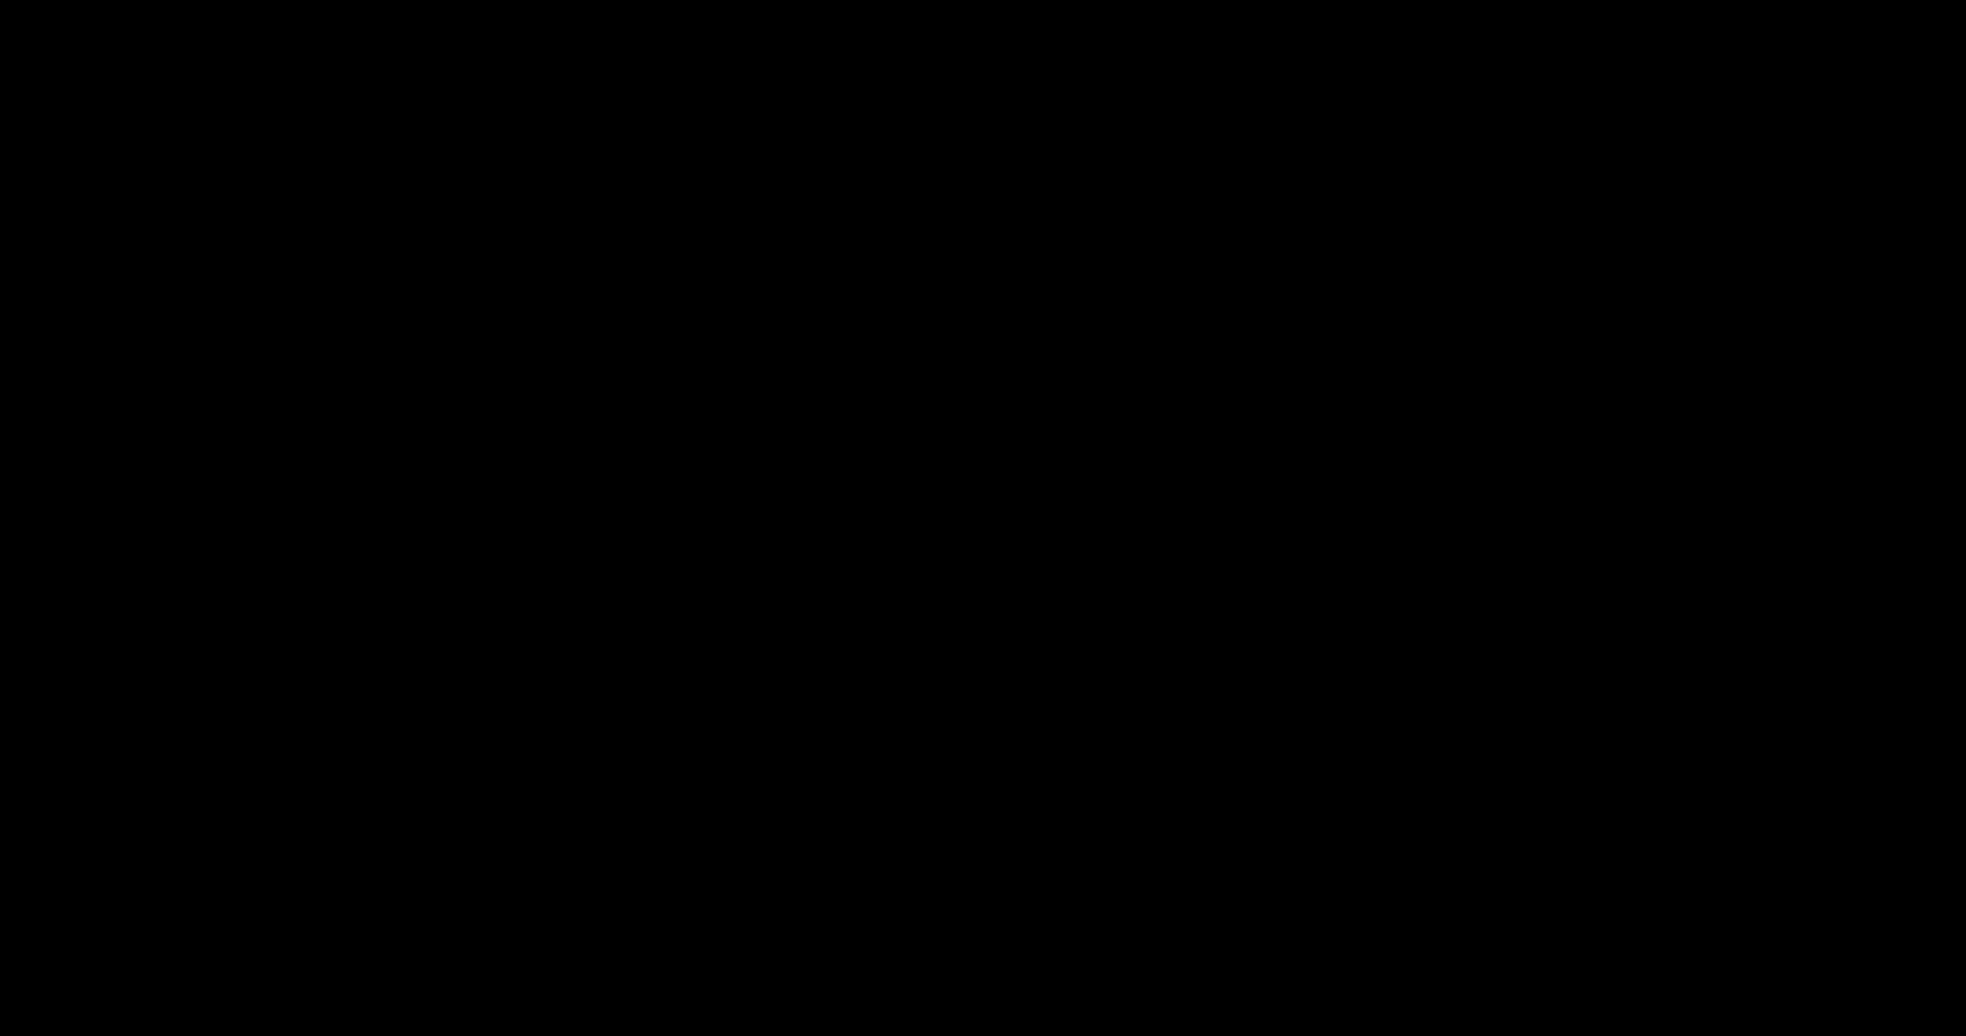 N-D-Biotinyl-7-amino-4-methylcoumarin